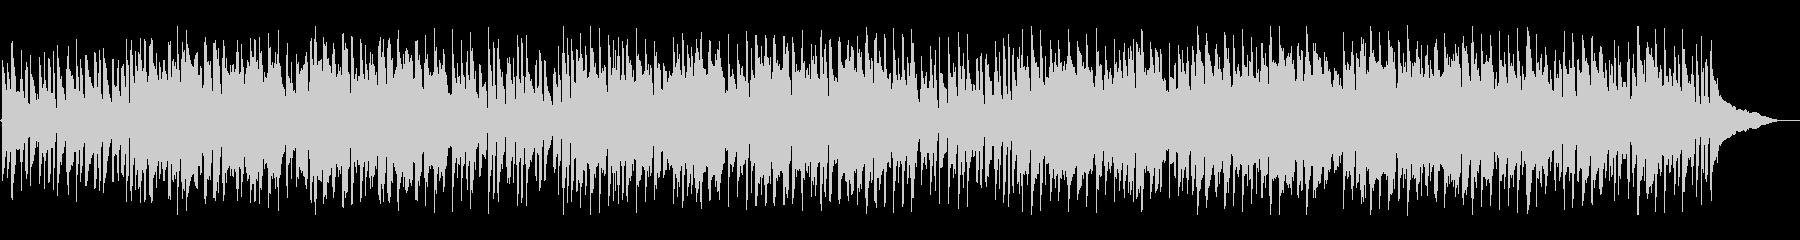 折E的でジャズなインストゥルメンタ...の未再生の波形